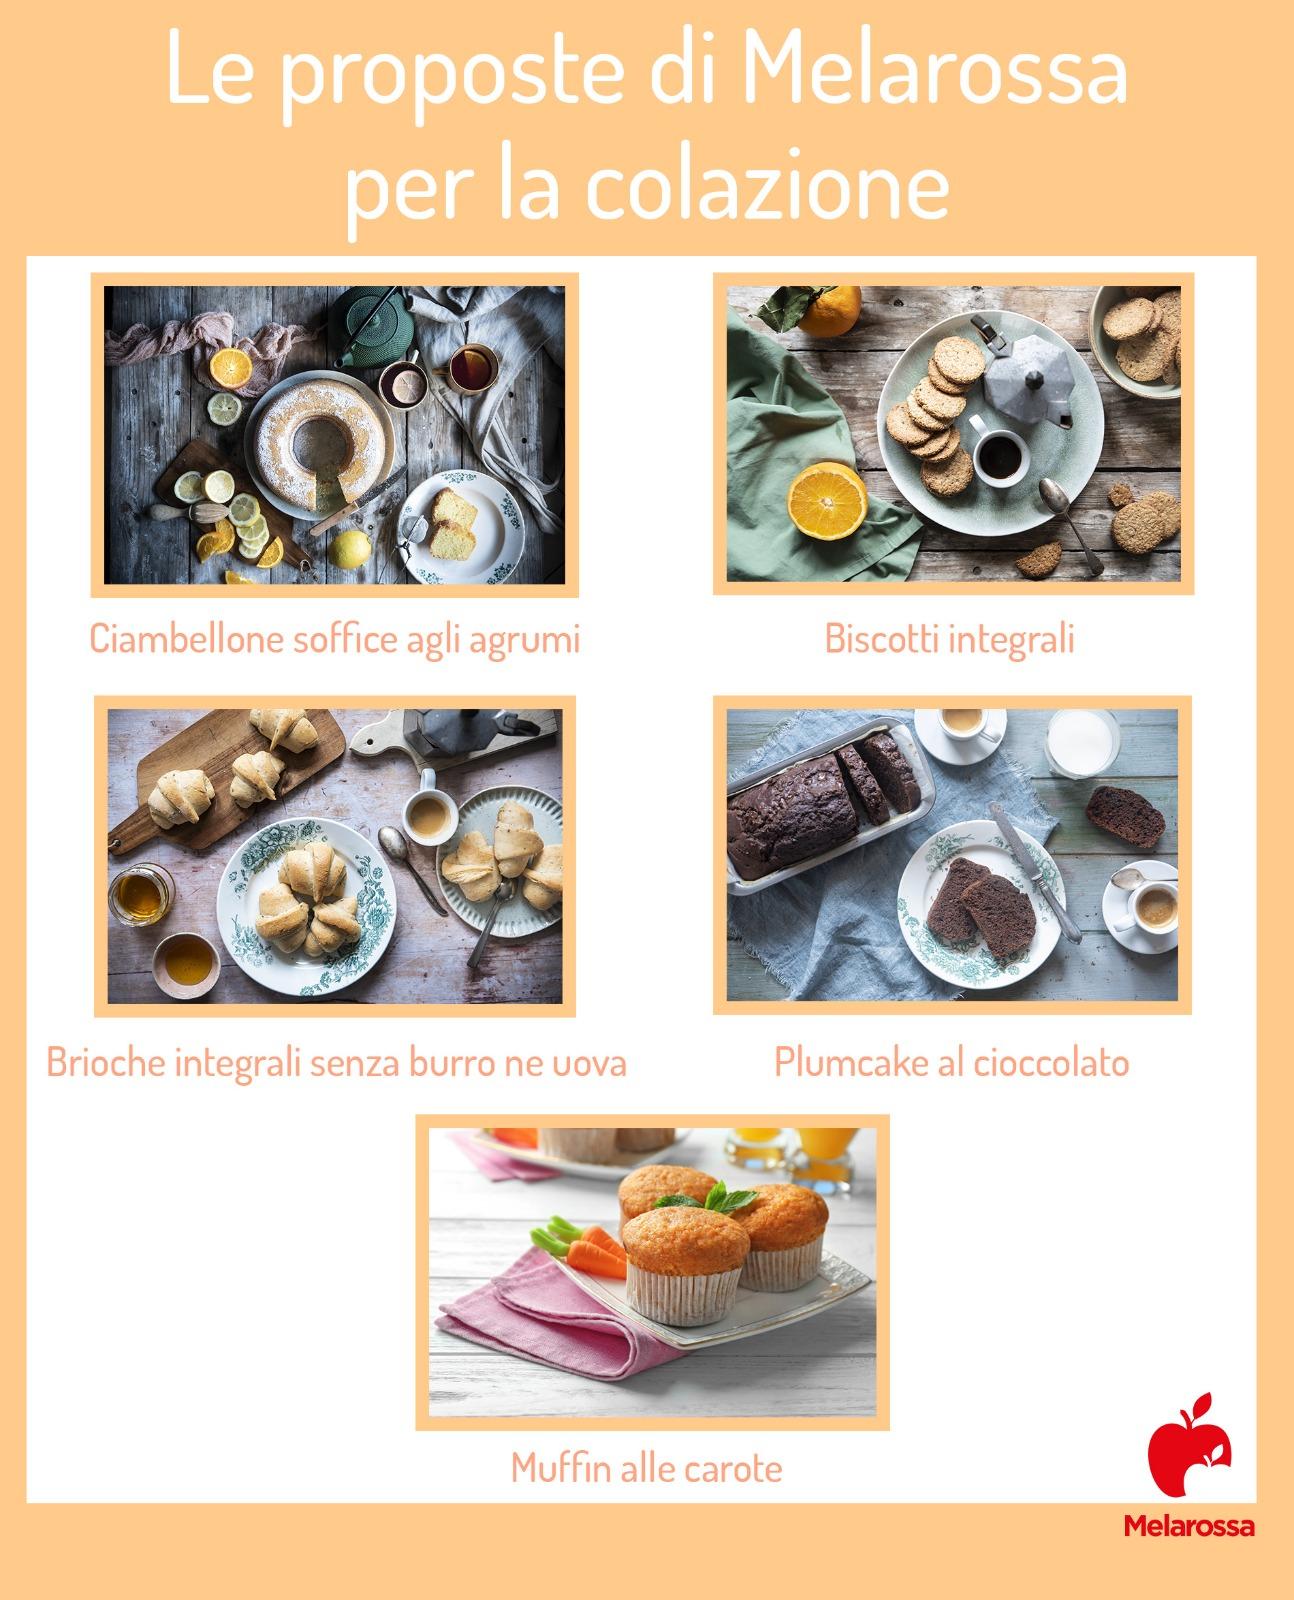 Le proposte di Melarossa per la colazione